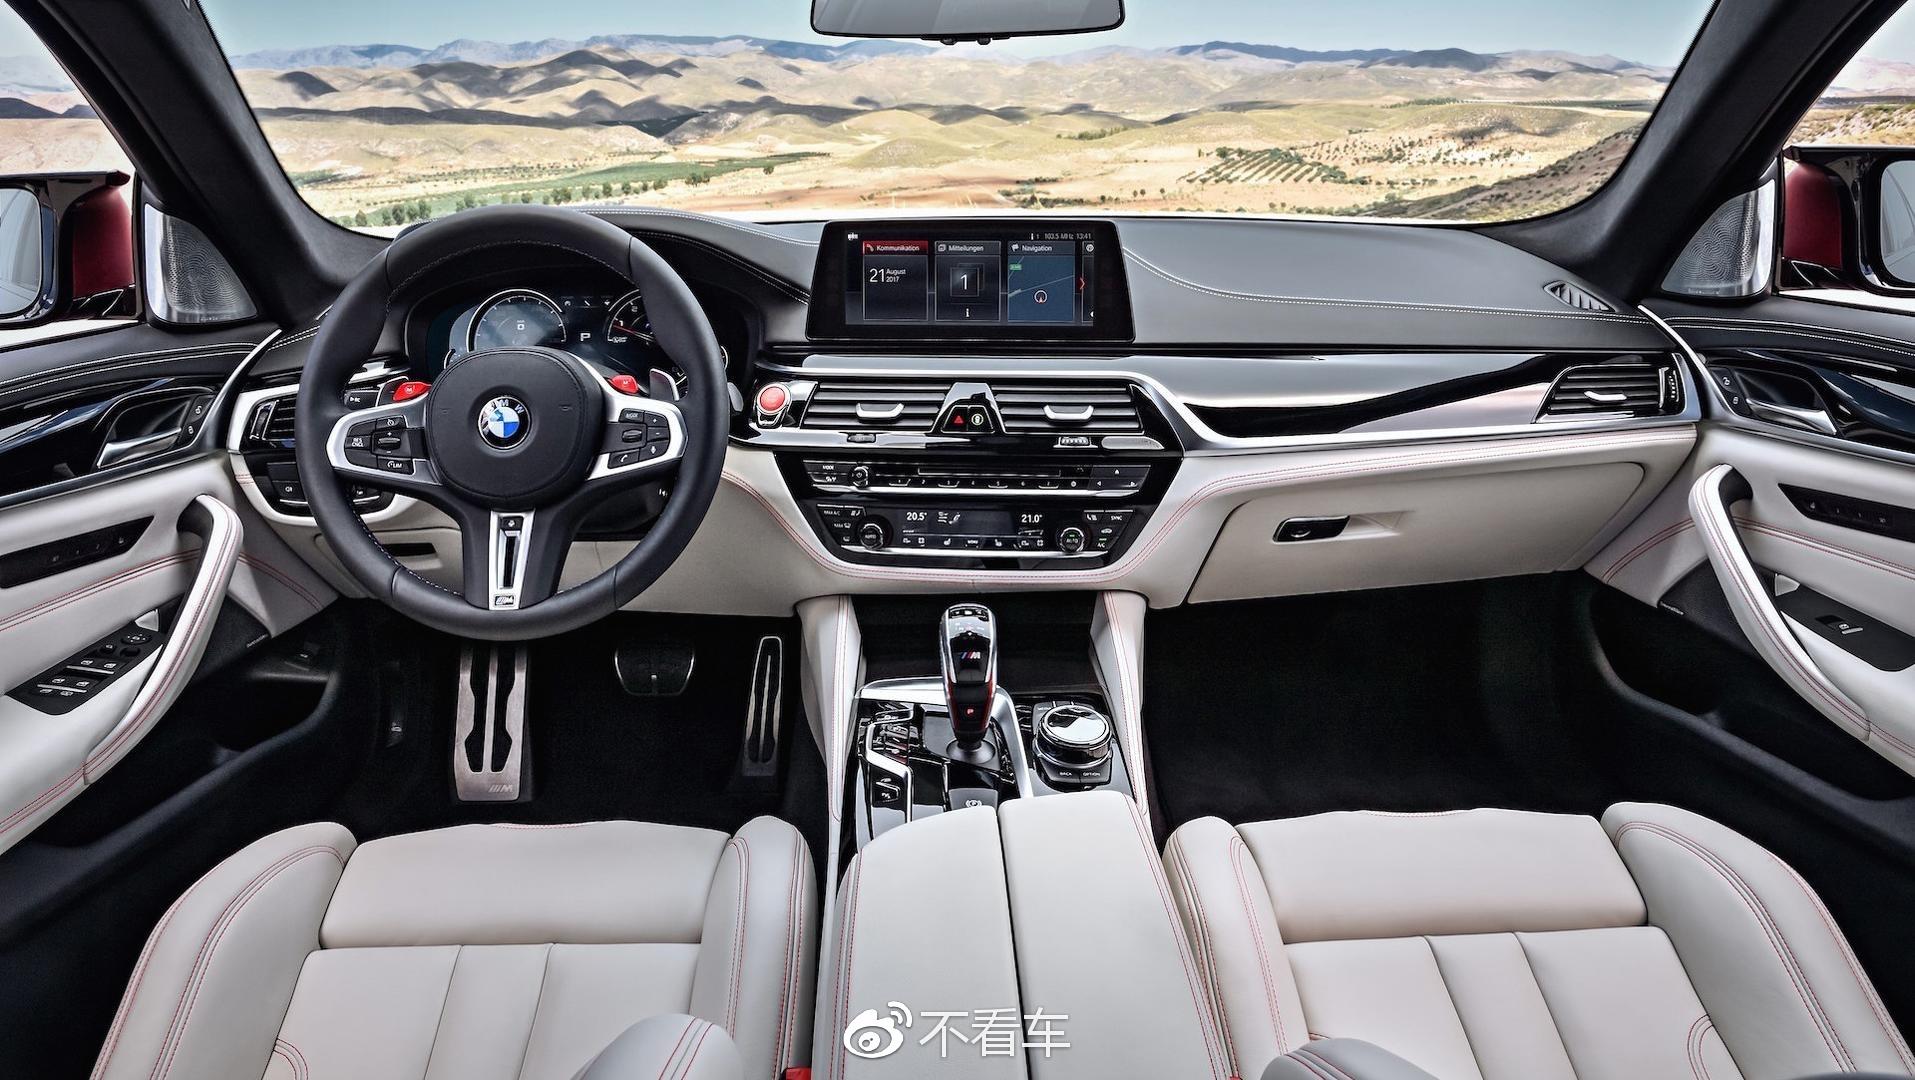 2018款宝马M5售价曝光 美国只卖10万刀